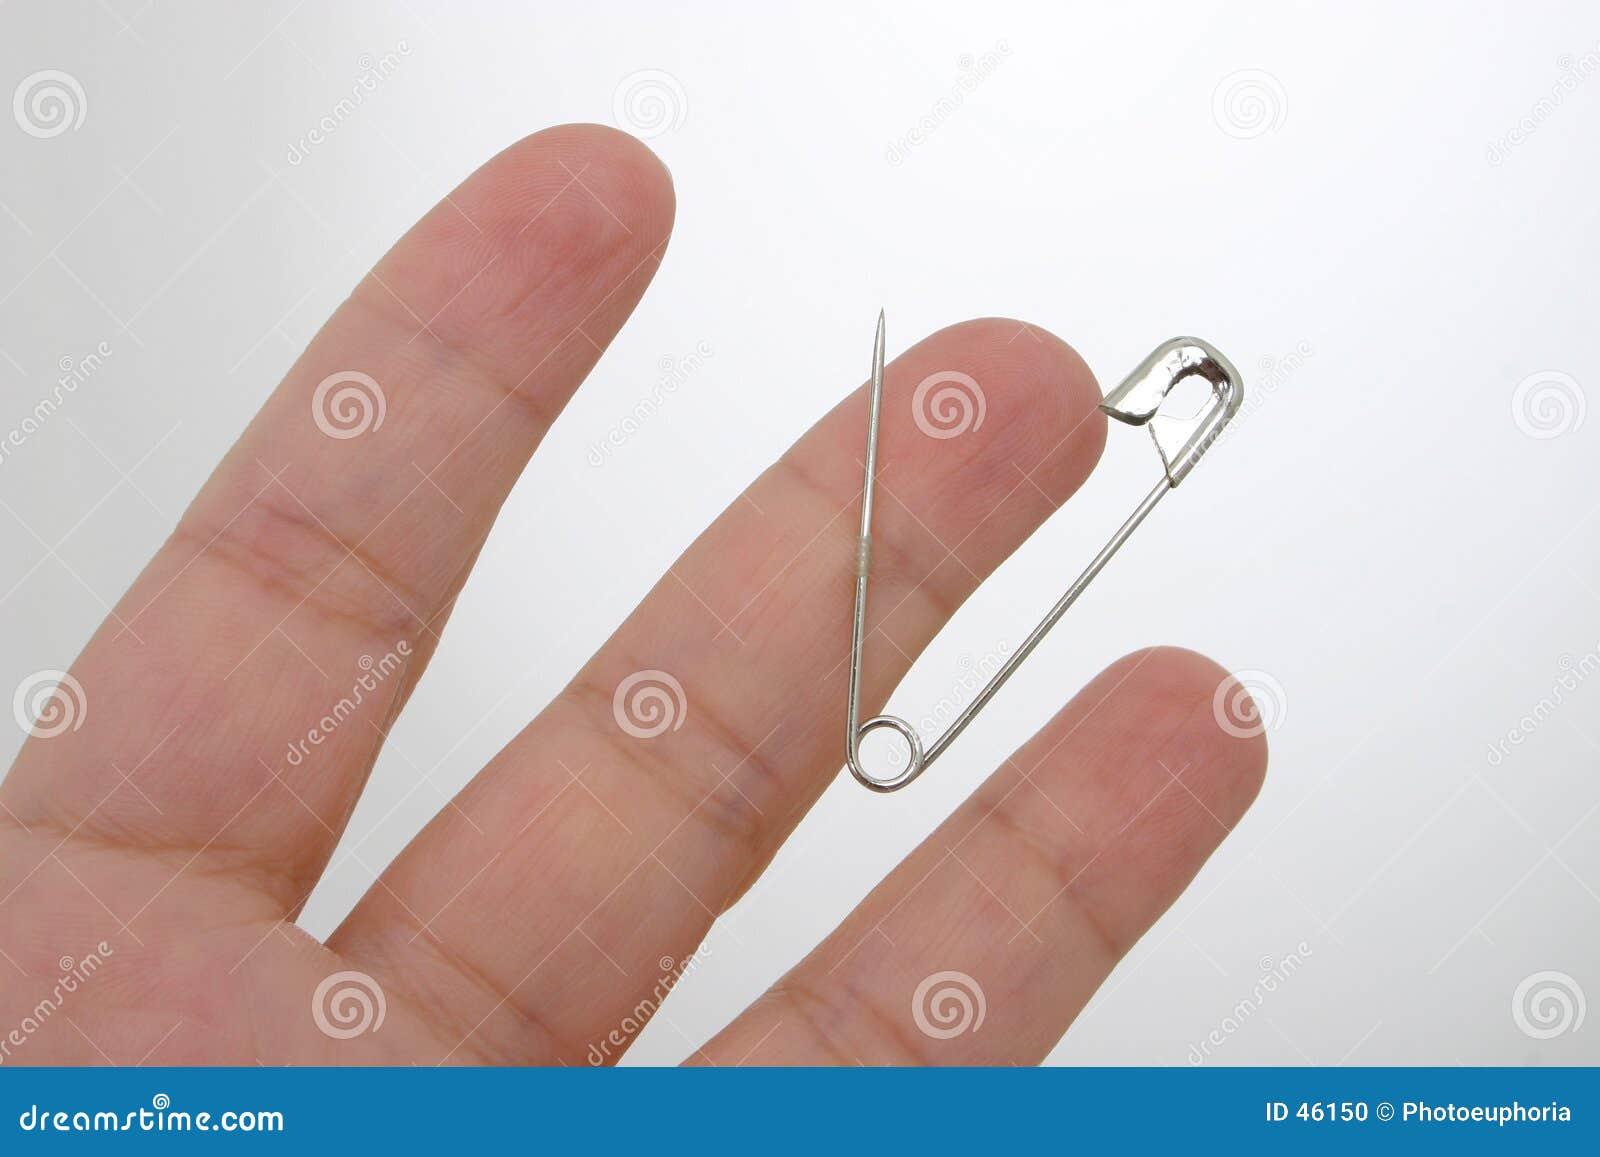 Sicherheitsnadel haftete im Finger